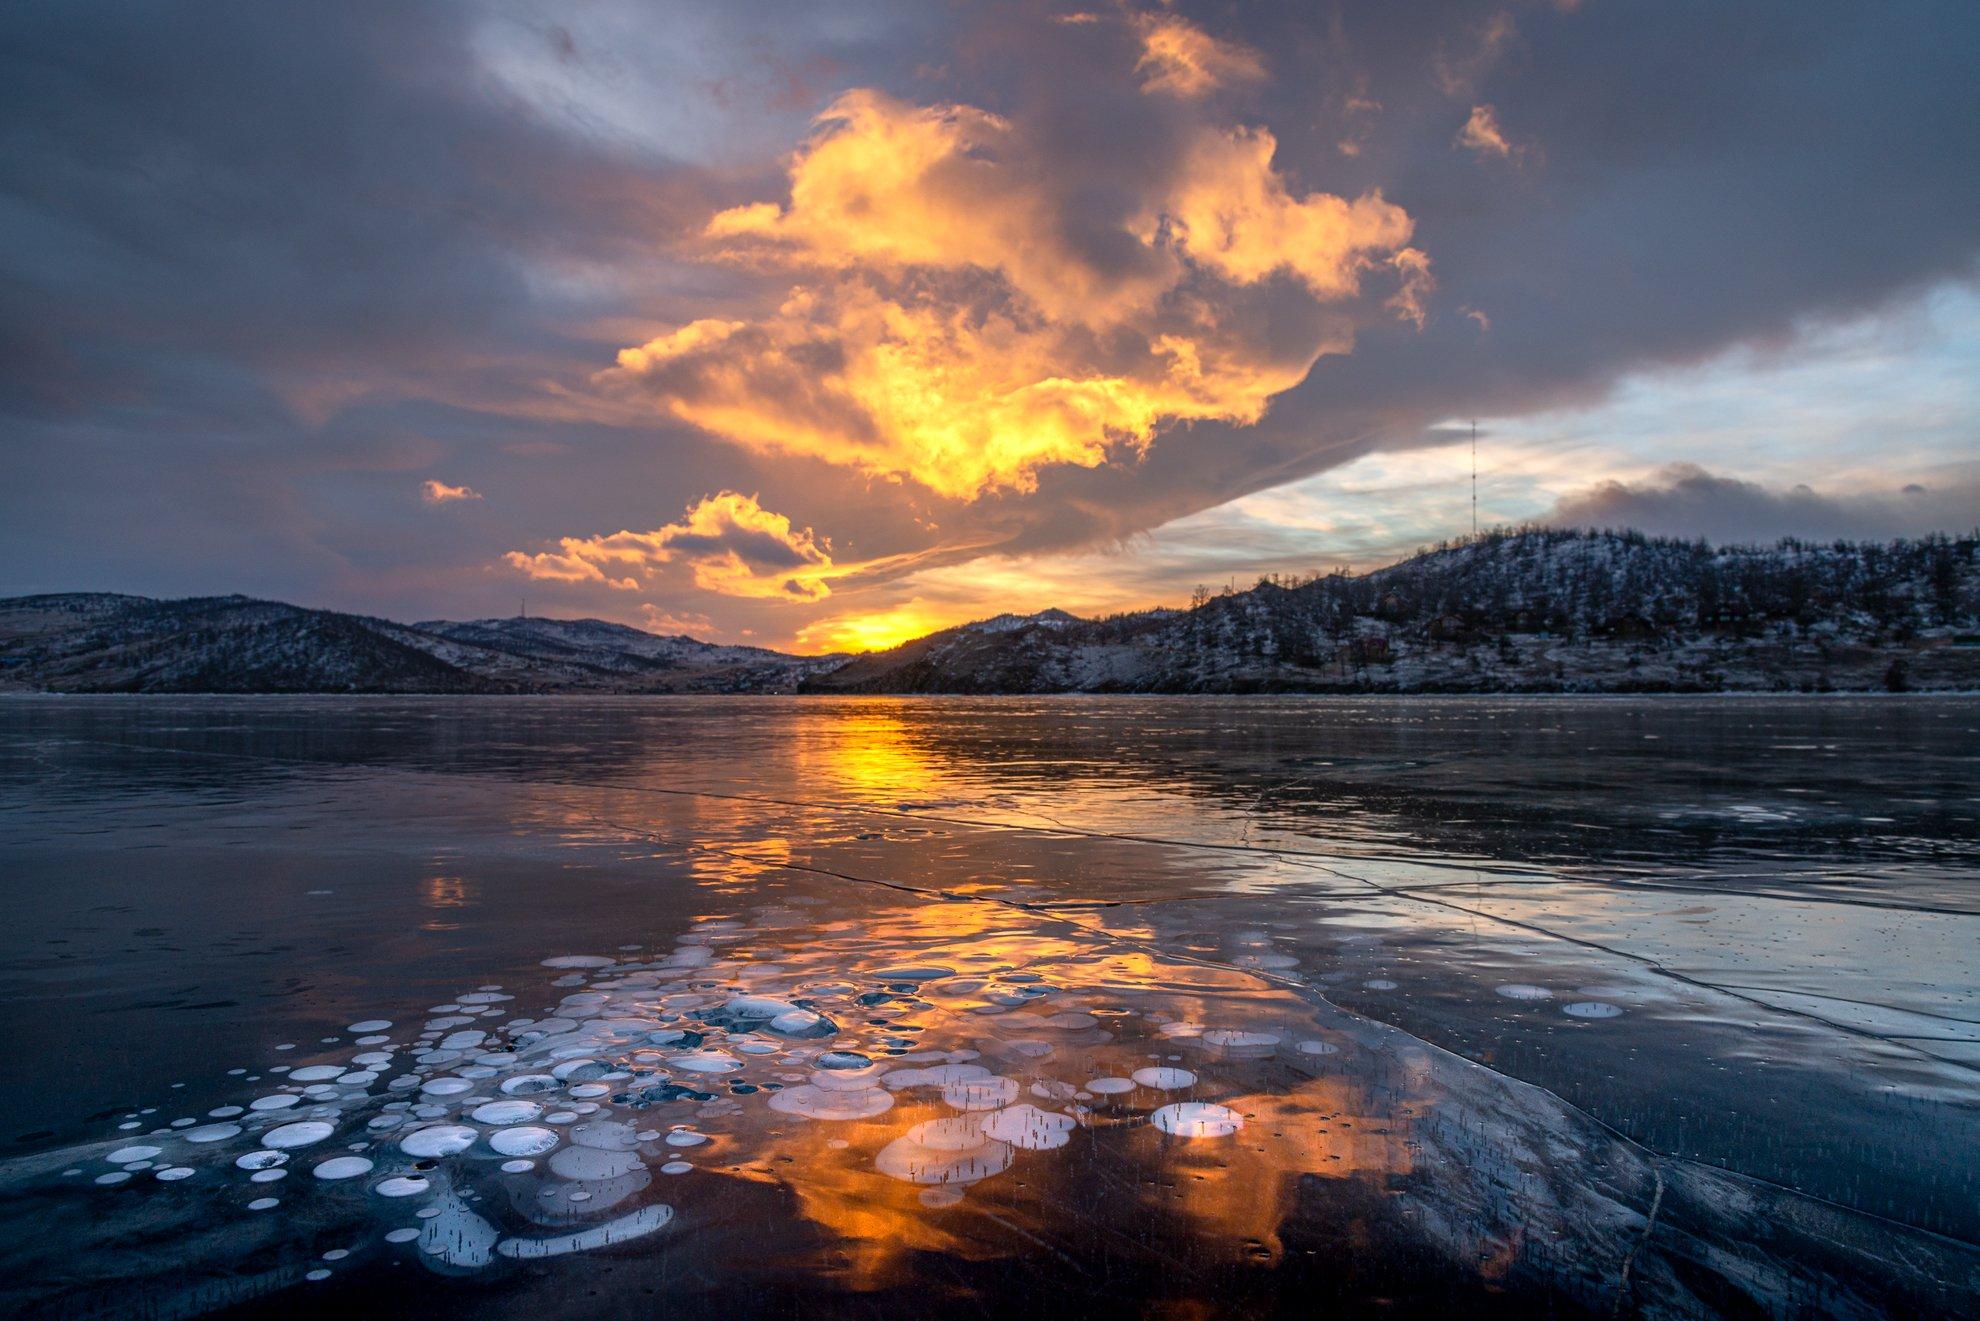 зима, лед, пузыри, льдинка, байкал, Чекалев Алексей